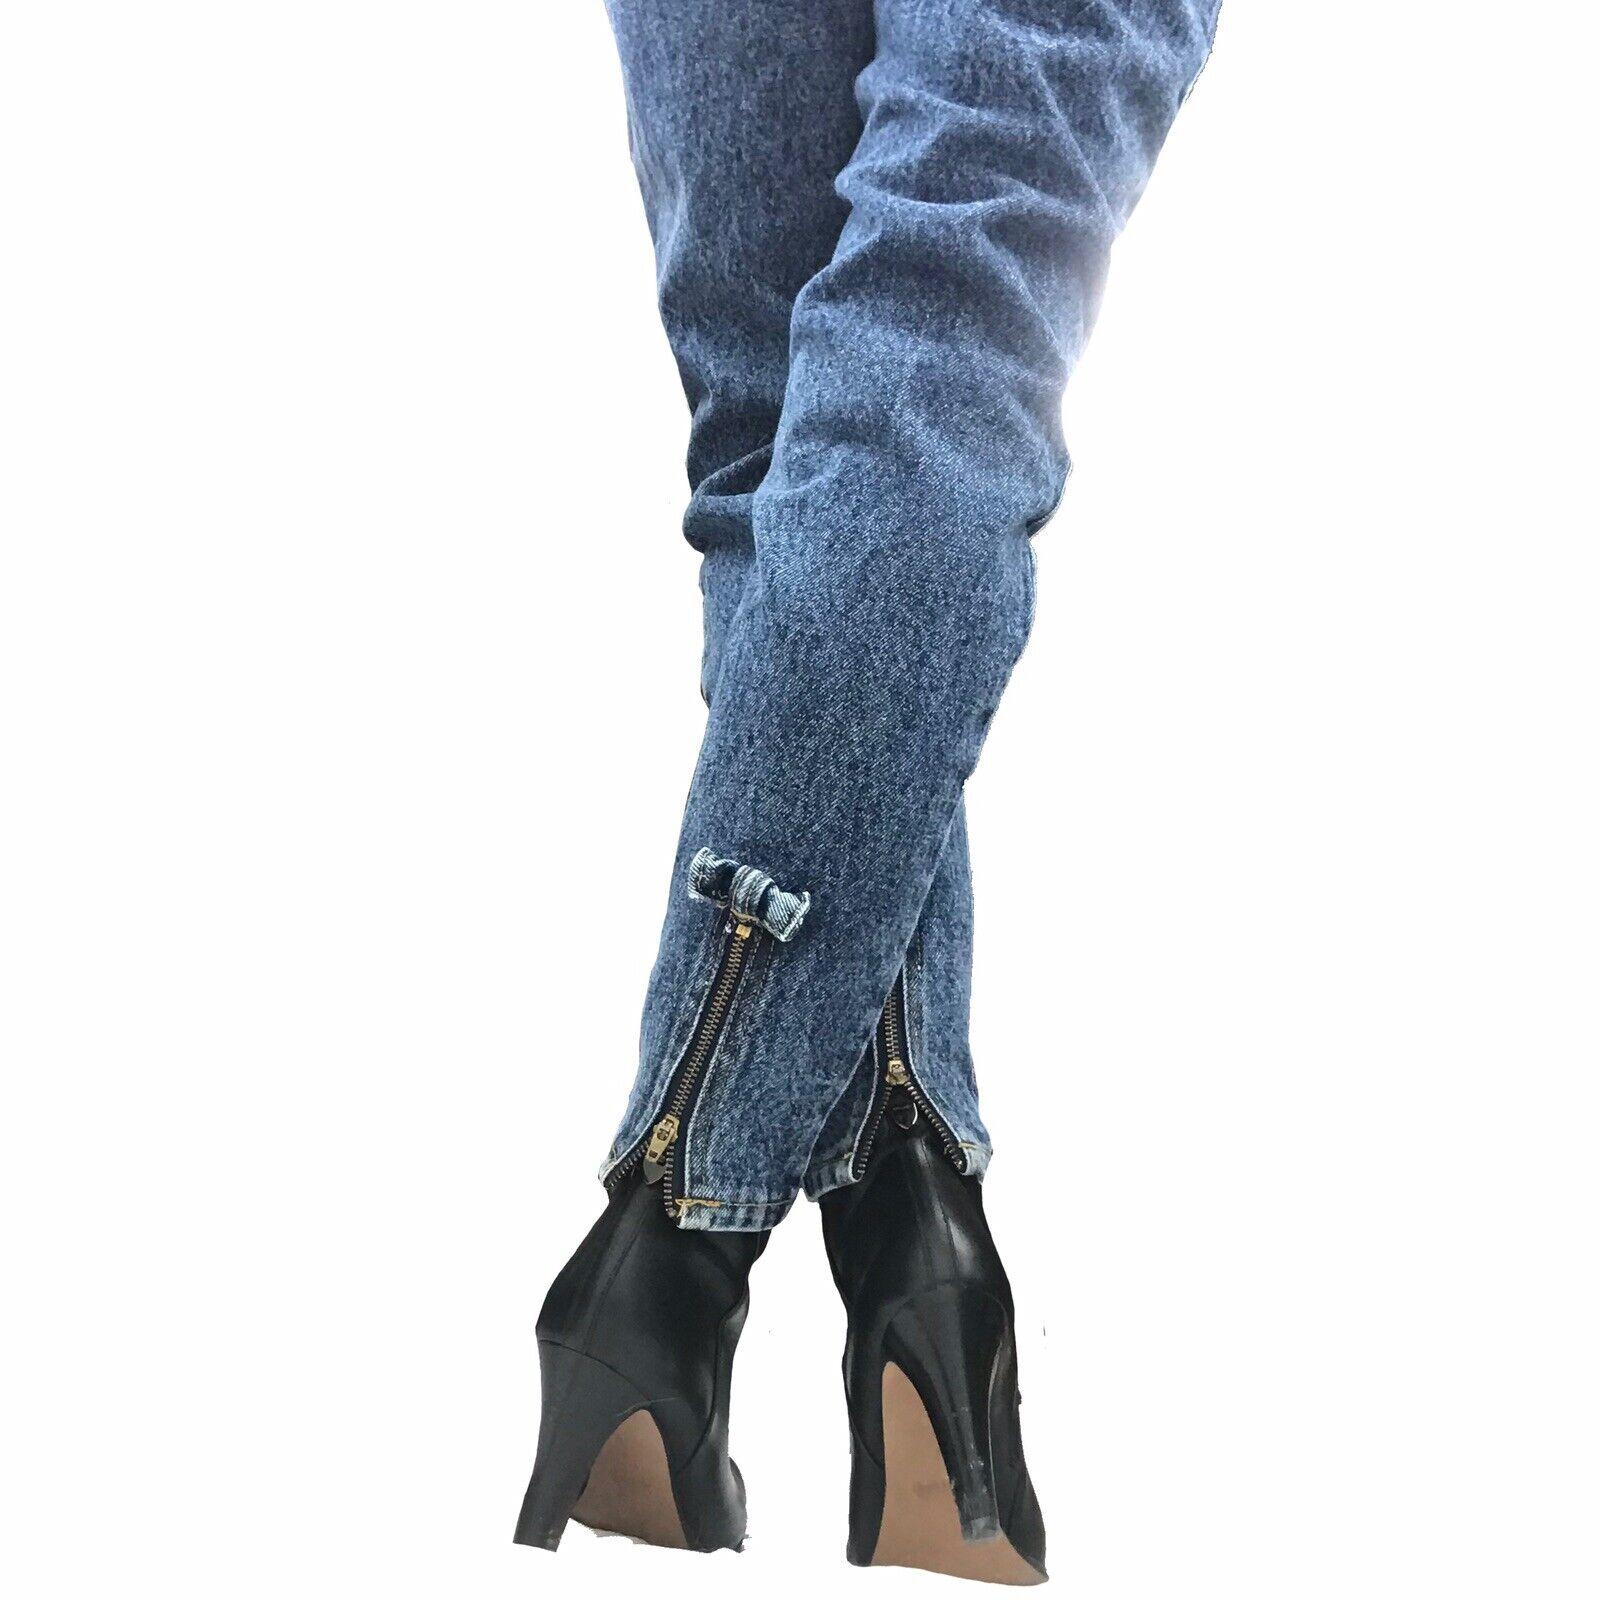 Vintage 80s Jordache Jeans Womens 28